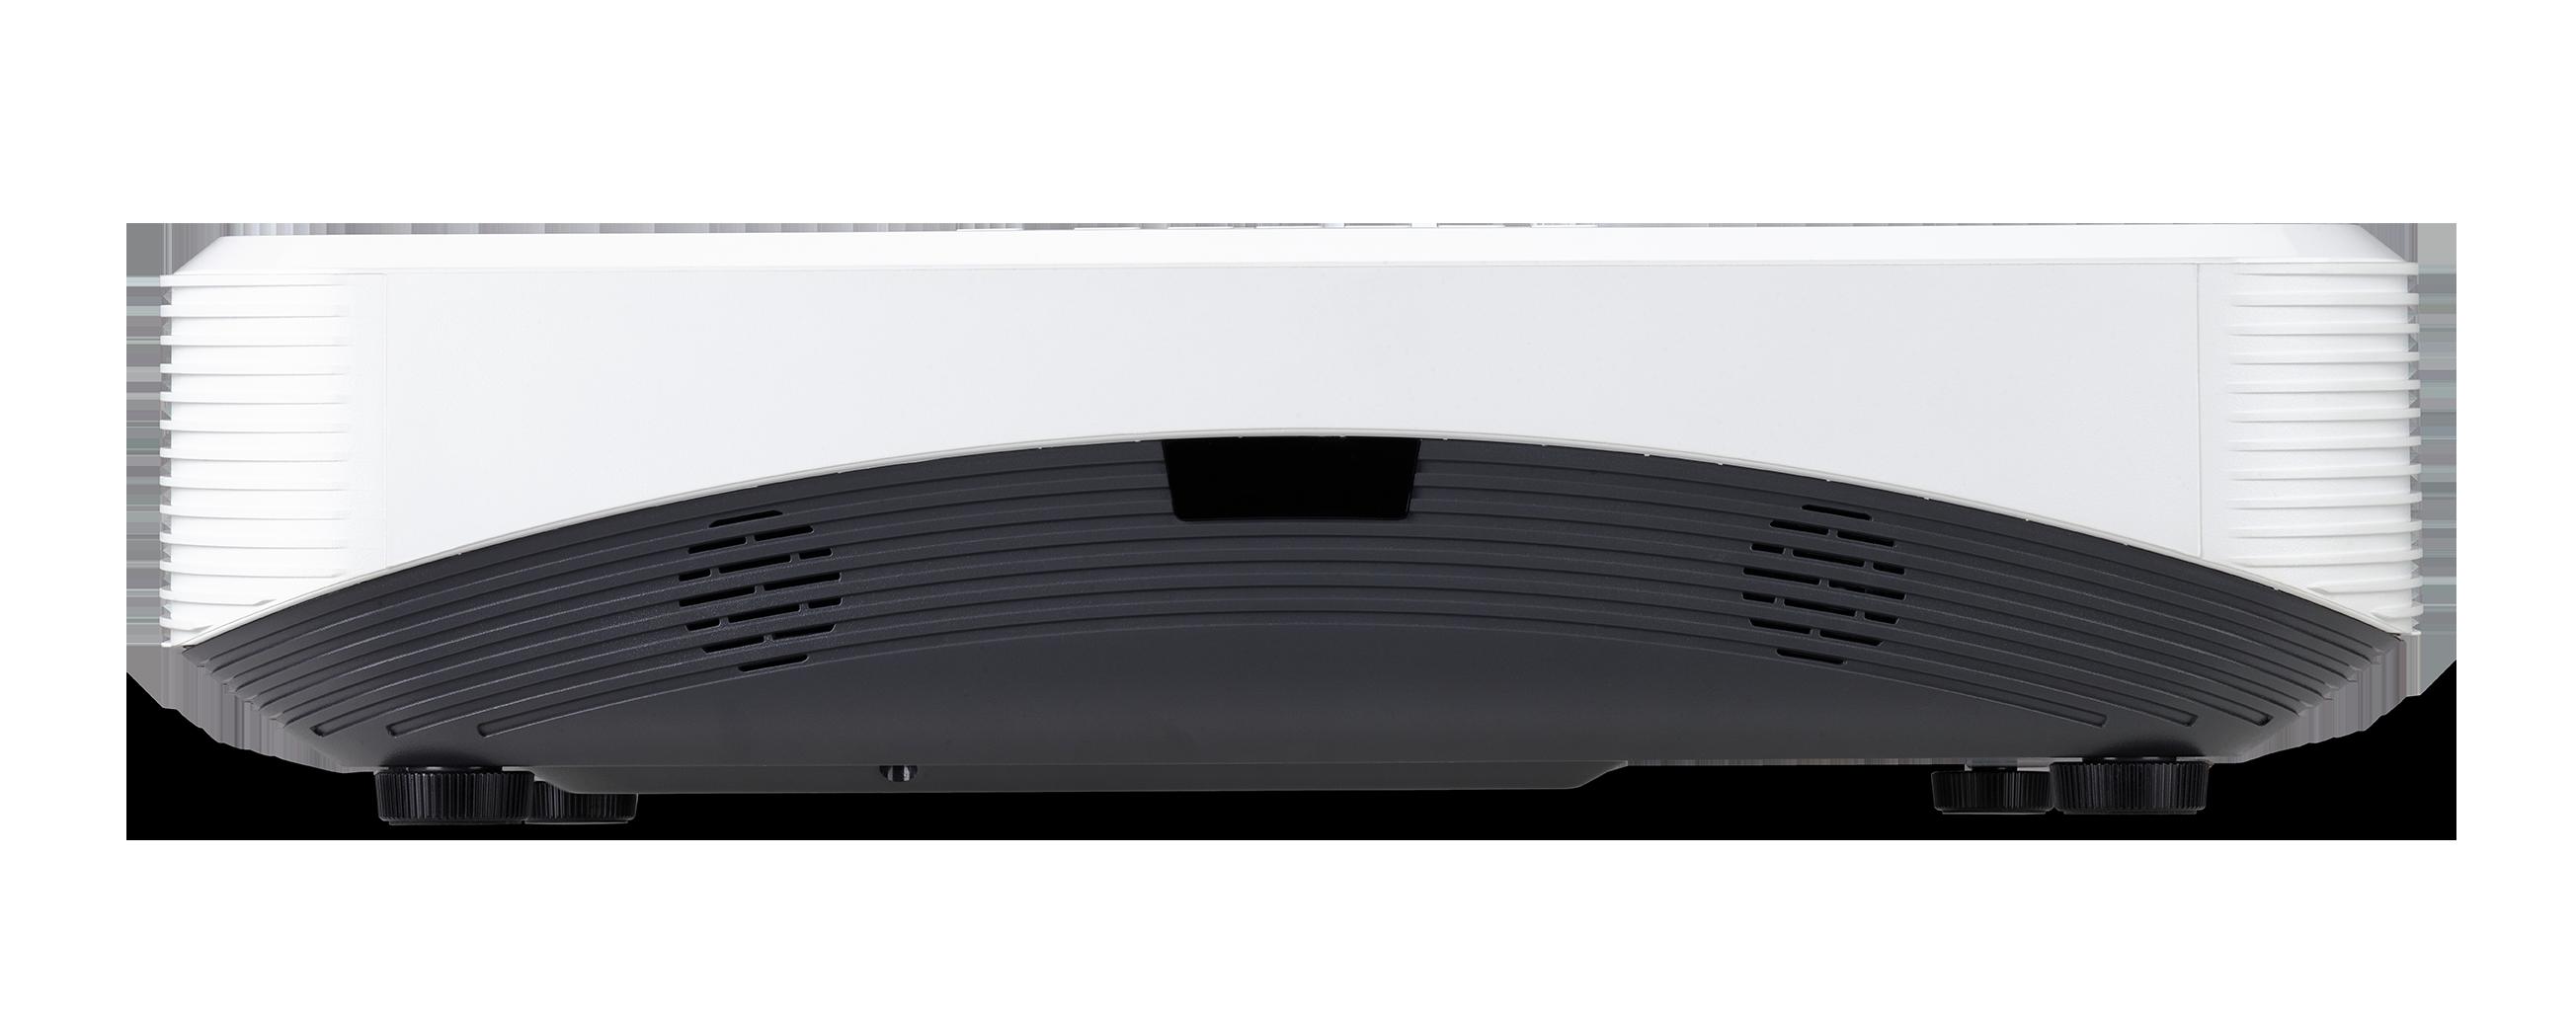 ACER Projektor UL6500, DLP , 1080p, 5500Lm, 12000/1, HDMI, UST, Laser, 10.5Kg, EURO Power